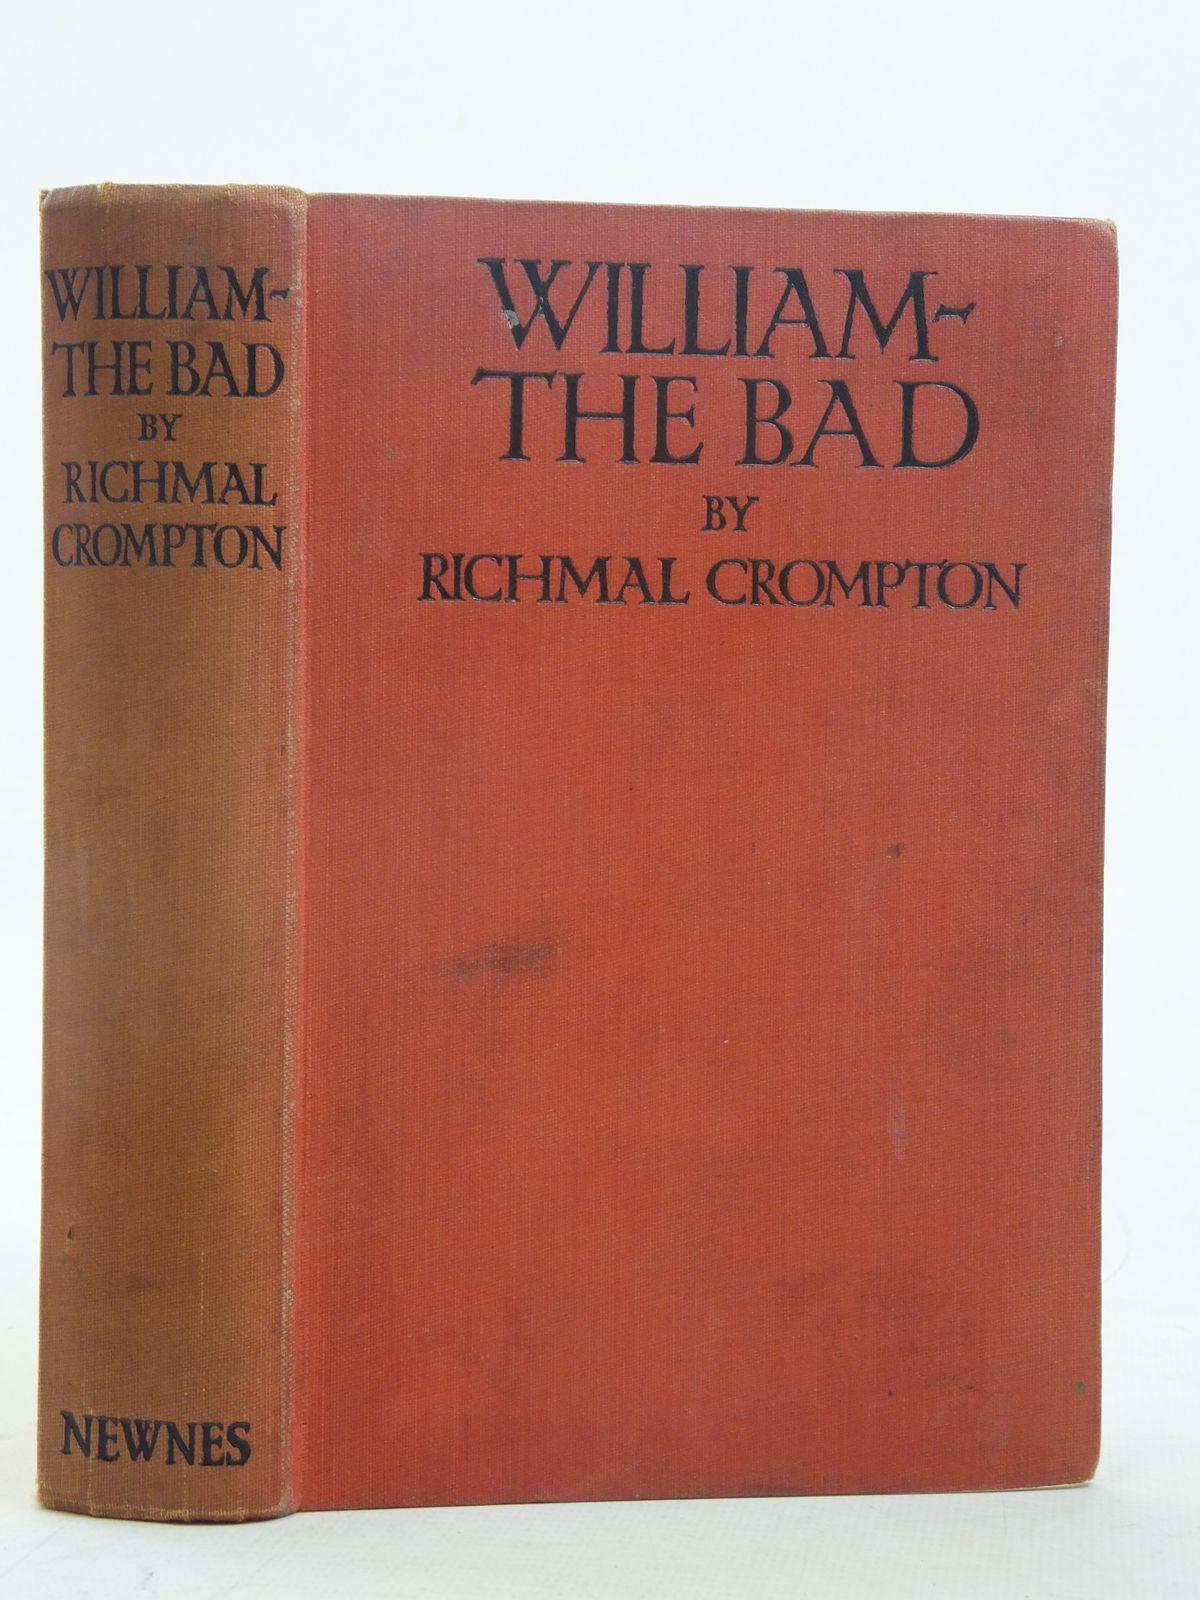 Photo of WILLIAM-THE BAD